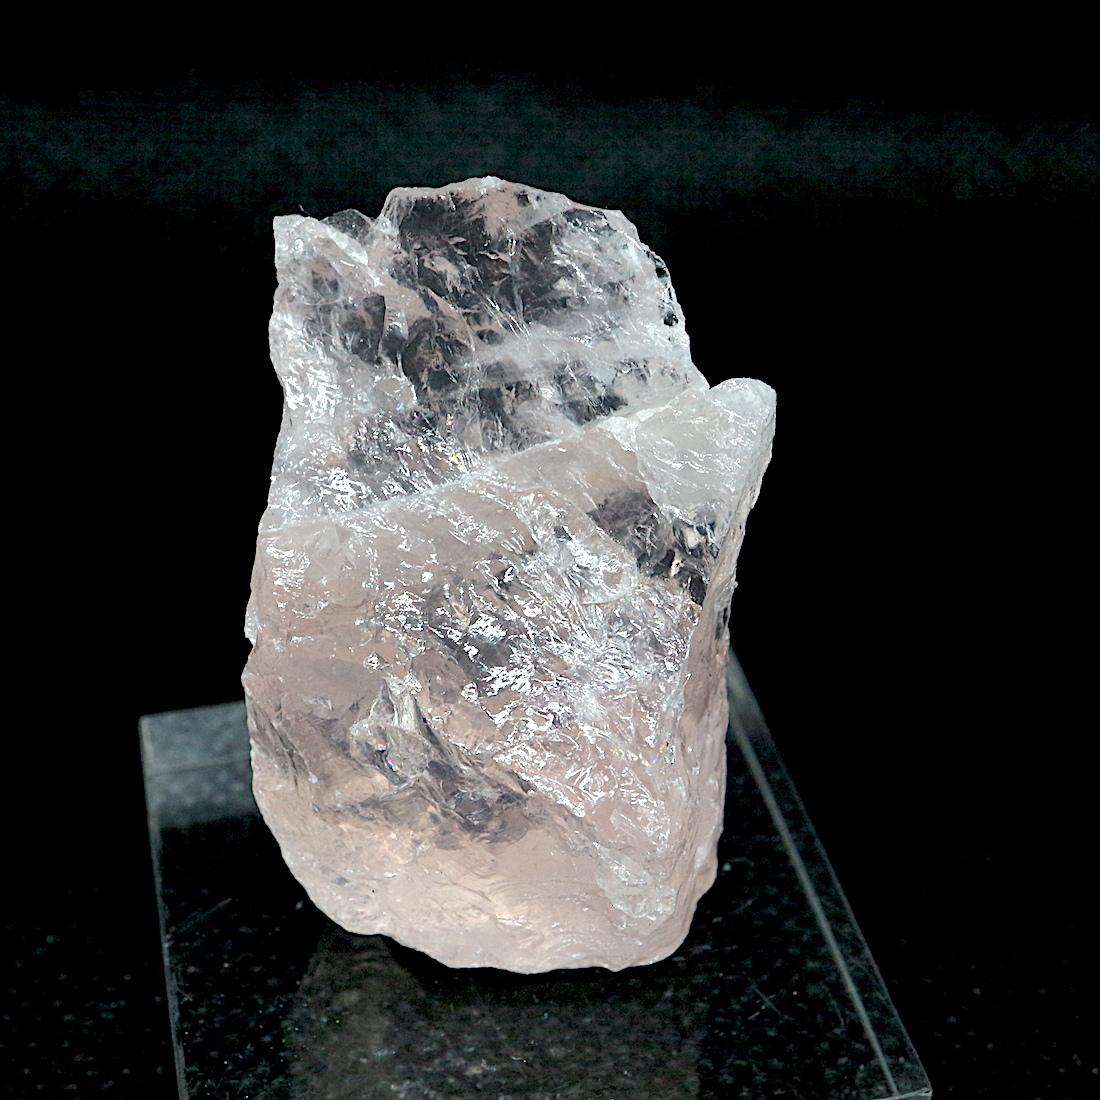 ブラジル産 スター ローズクオーツ 紅水晶 23,5g RSQ020 鉱物 原石 天然石 パワーストーン